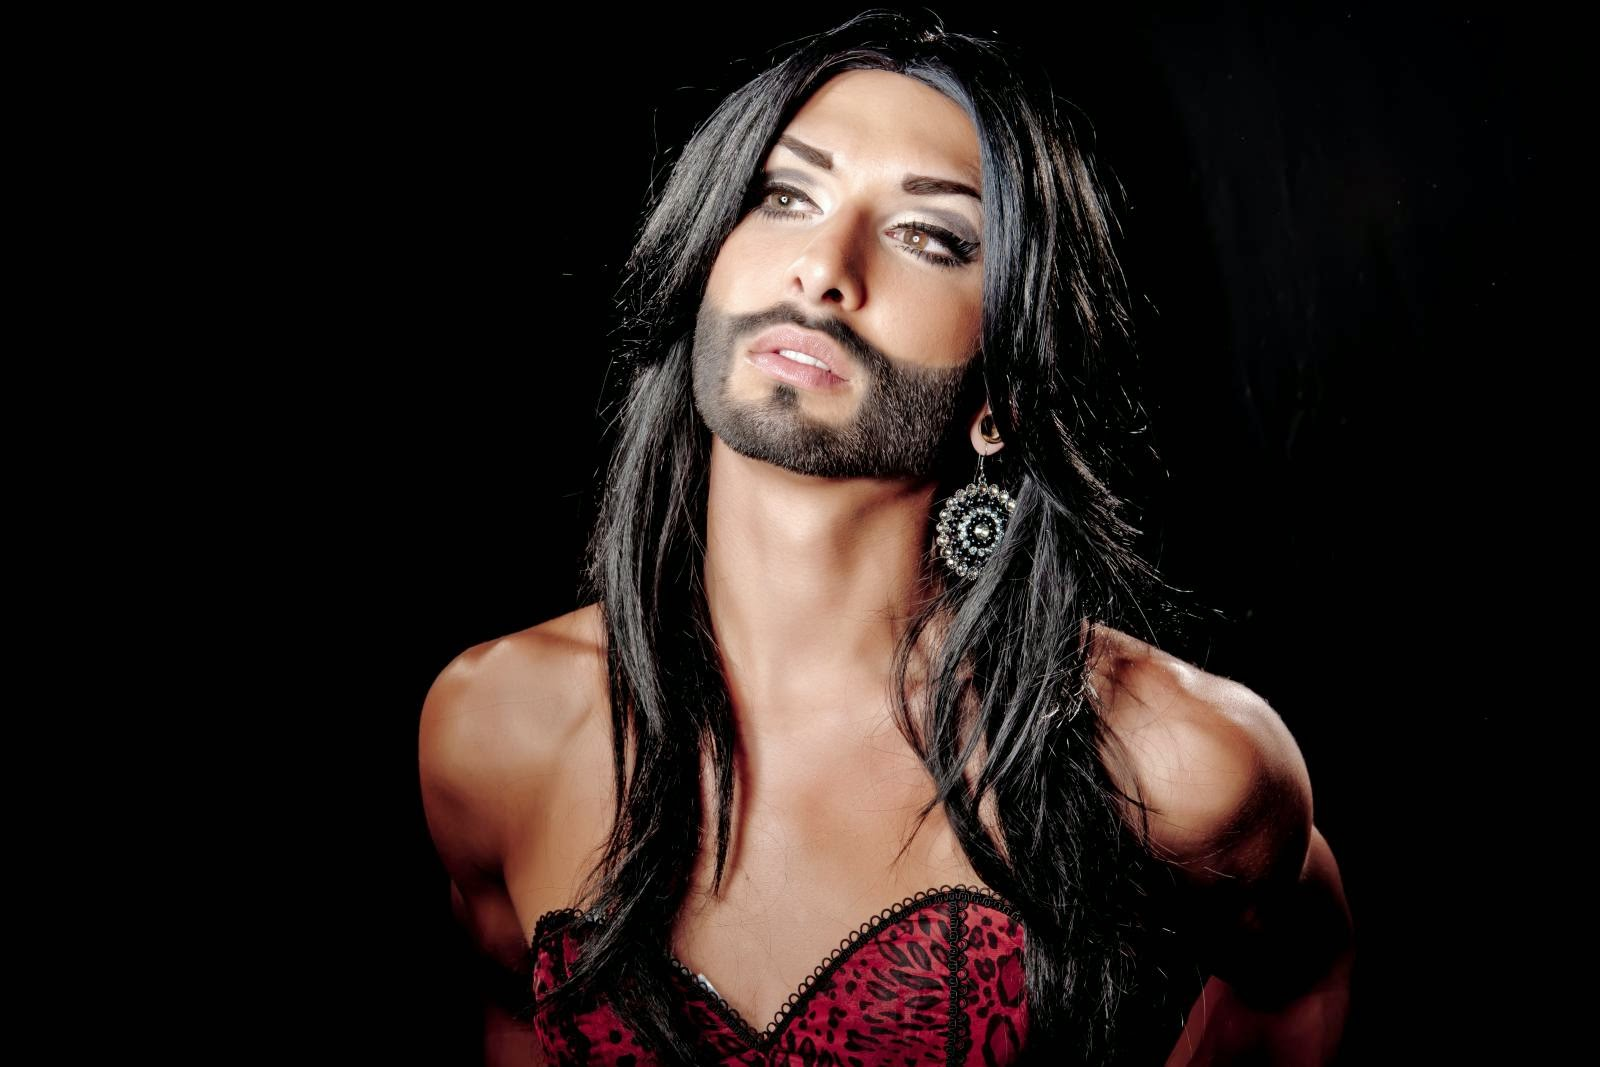 Рекламні ролики нових шоу з бородатим ведучим 17 фотография